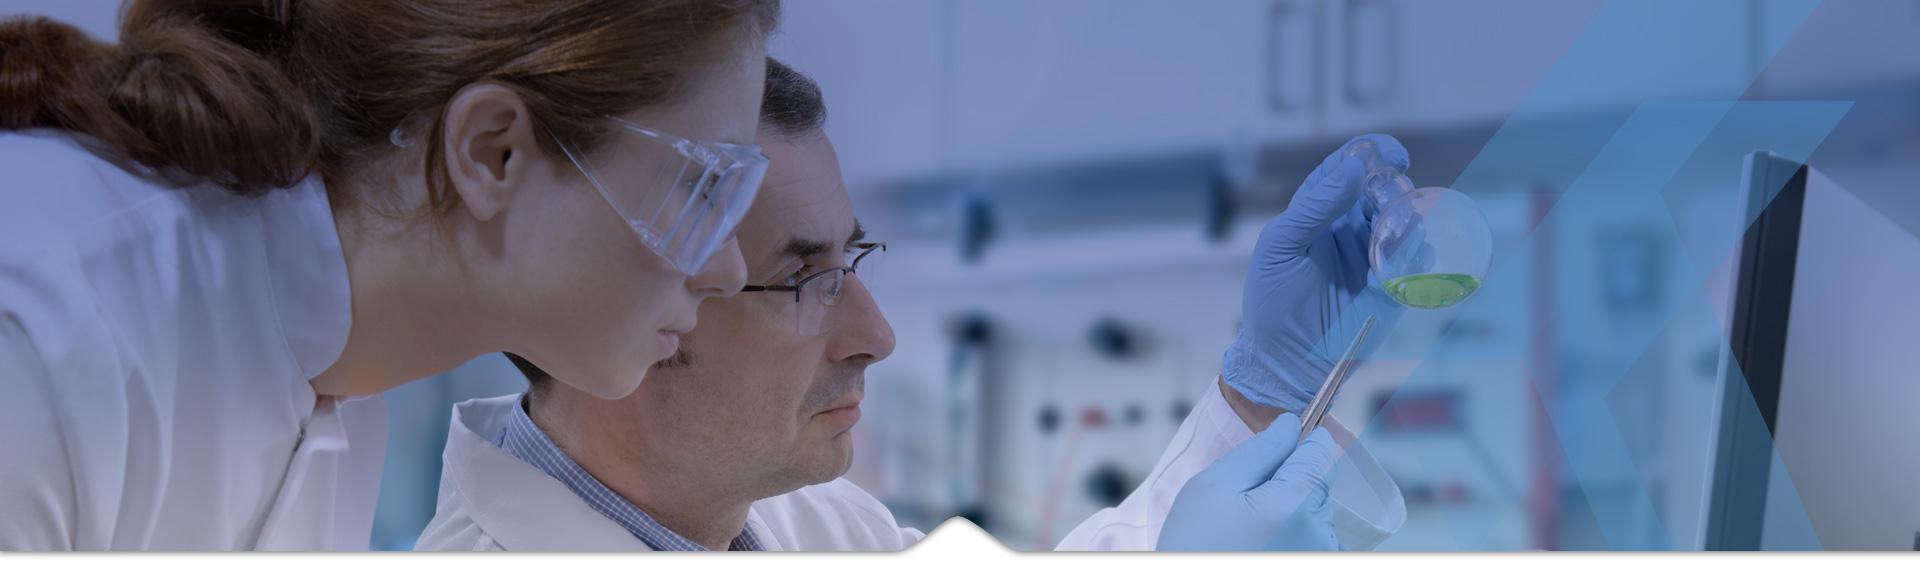 הי-טק, טכנולוגיה ומדעי החיים